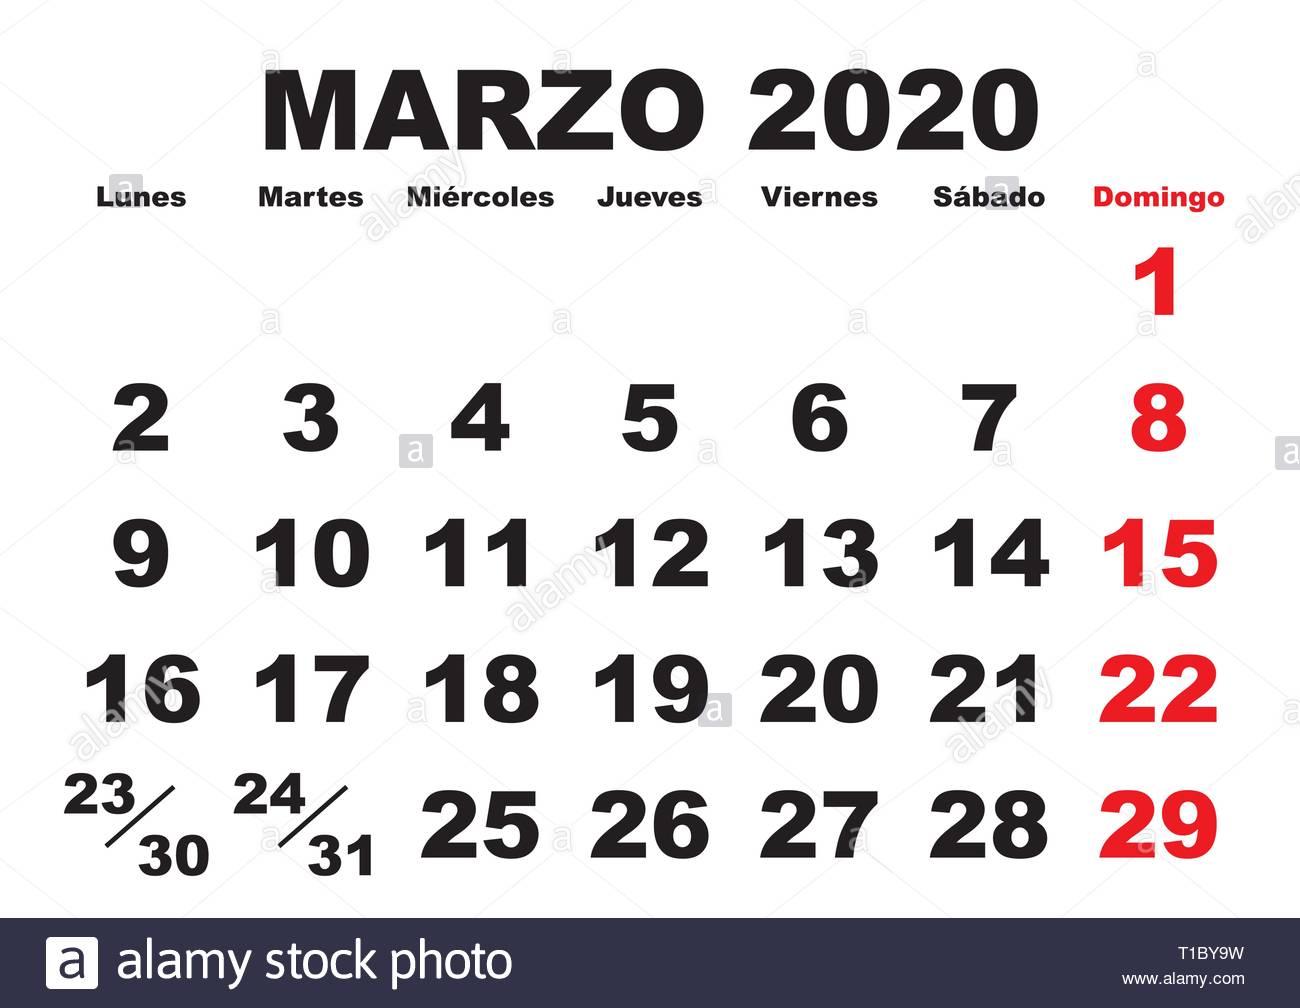 Ano 2020 Calendario.En El Mes De Marzo Del Ano 2020 Calendario De Pared En